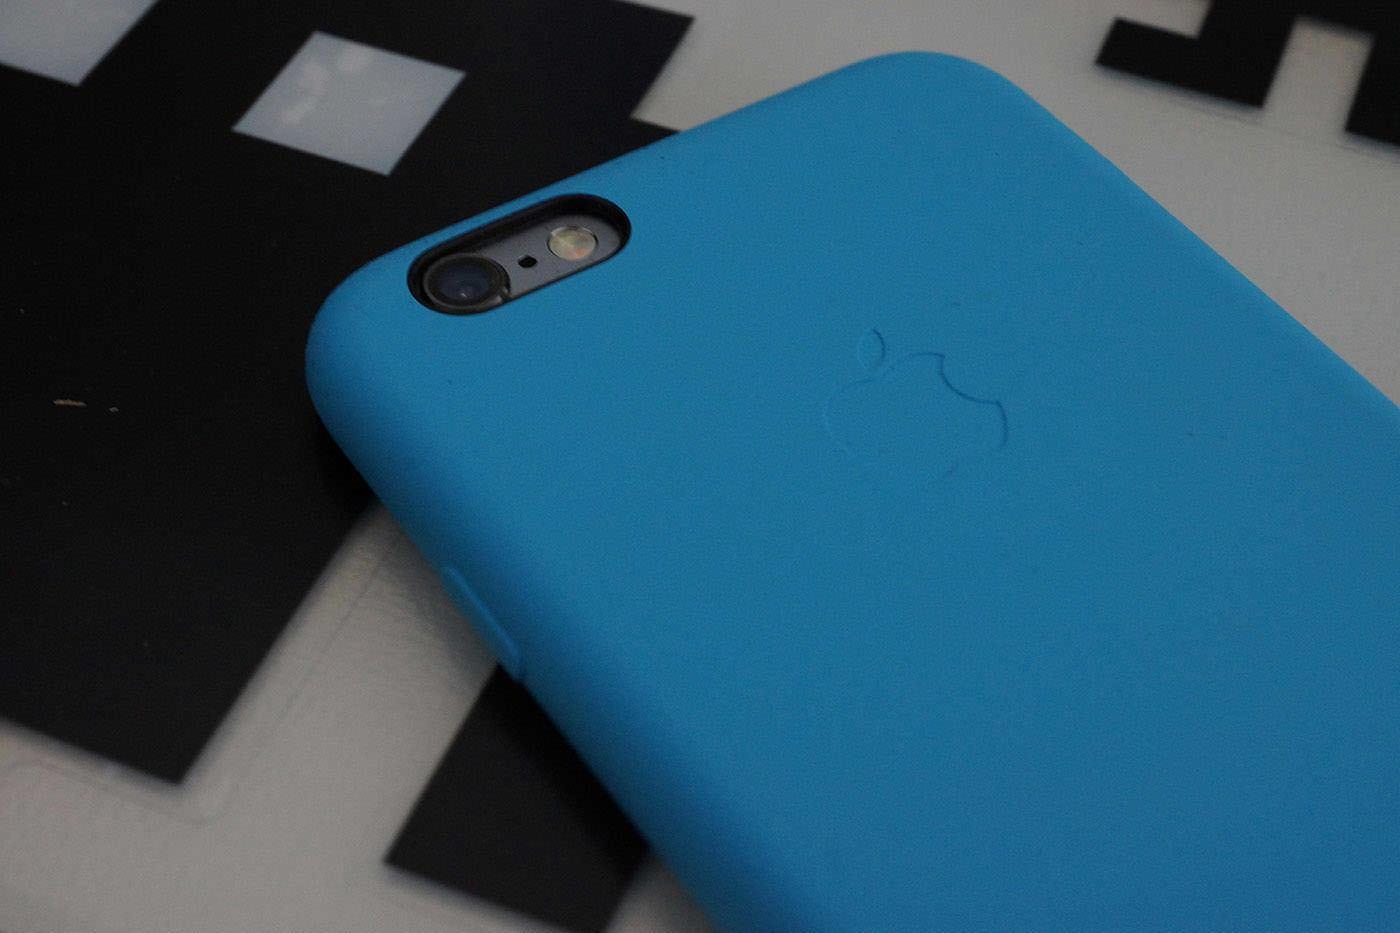 iPhone X Notch könnte kurzlebiger als gedacht sein und 2019 verschwinden (Gerücht) 1 techboys.de • smarte News, auf den Punkt! iPhone X Notch könnte kurzlebiger als gedacht sein und 2019 verschwinden (Gerücht)